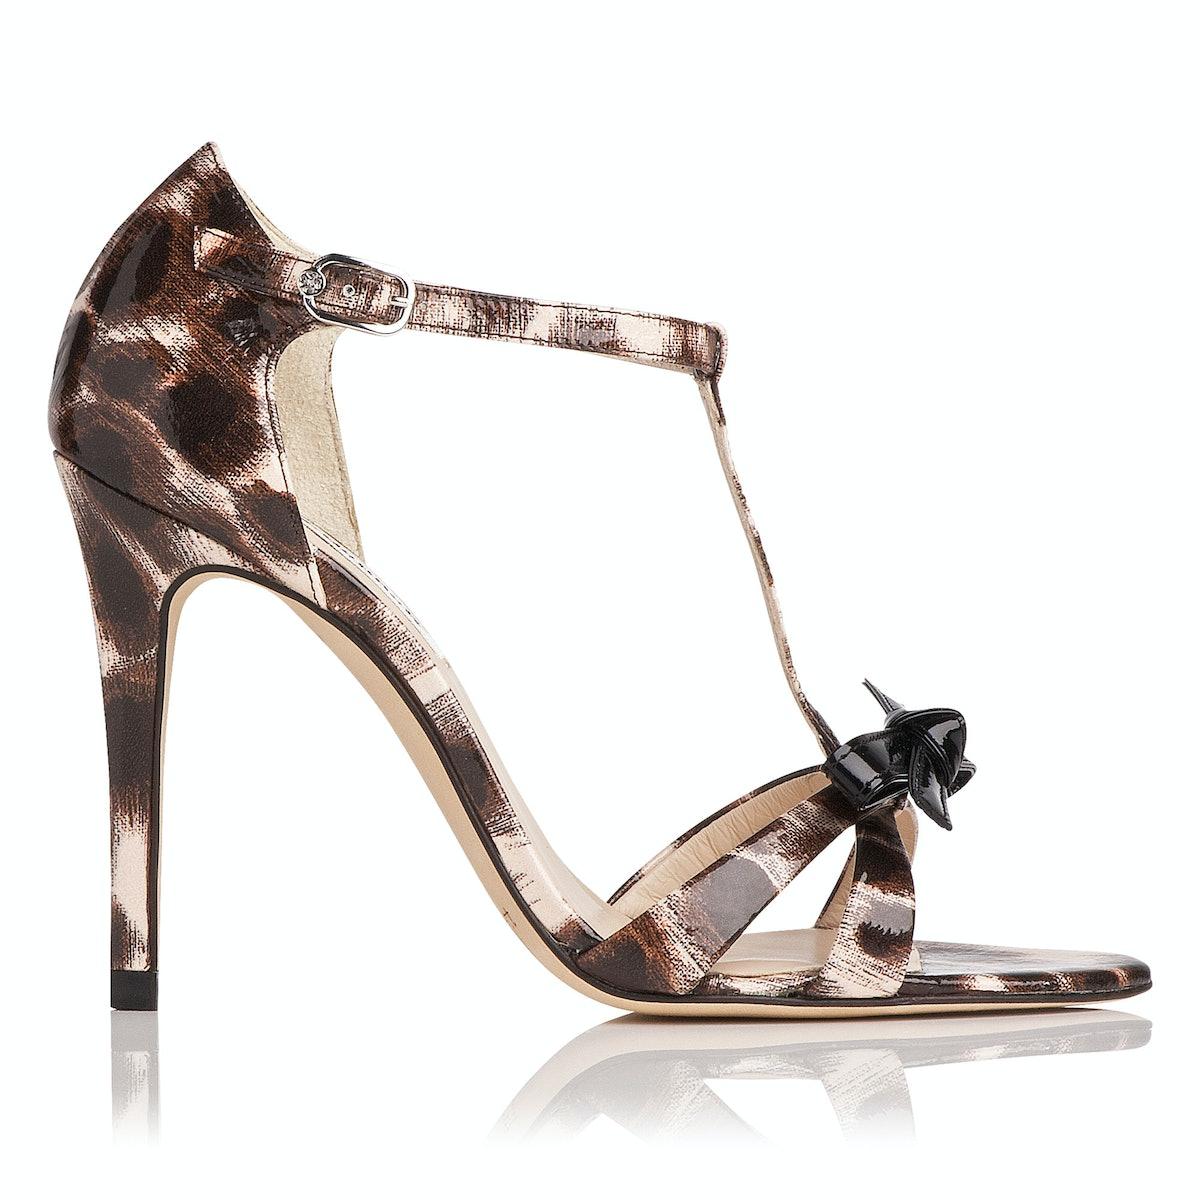 L.K.Bennett sandals